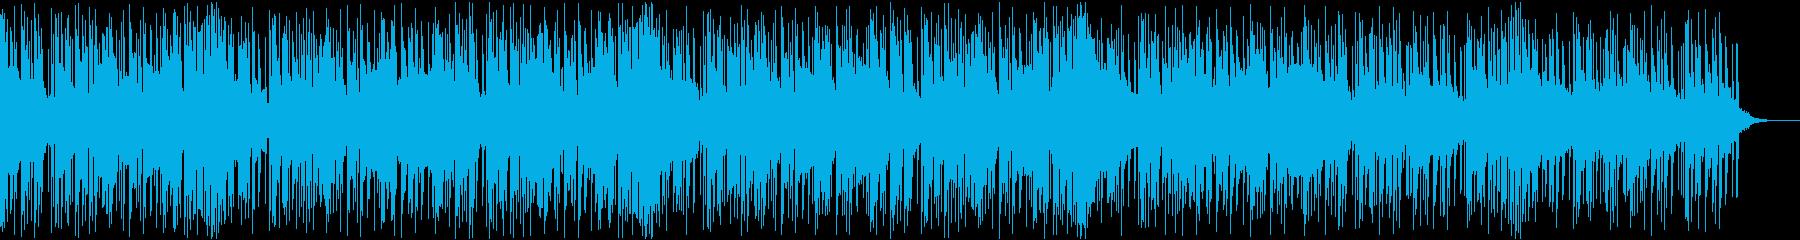 リラックス・マッサージ・ストレッチ・美容の再生済みの波形